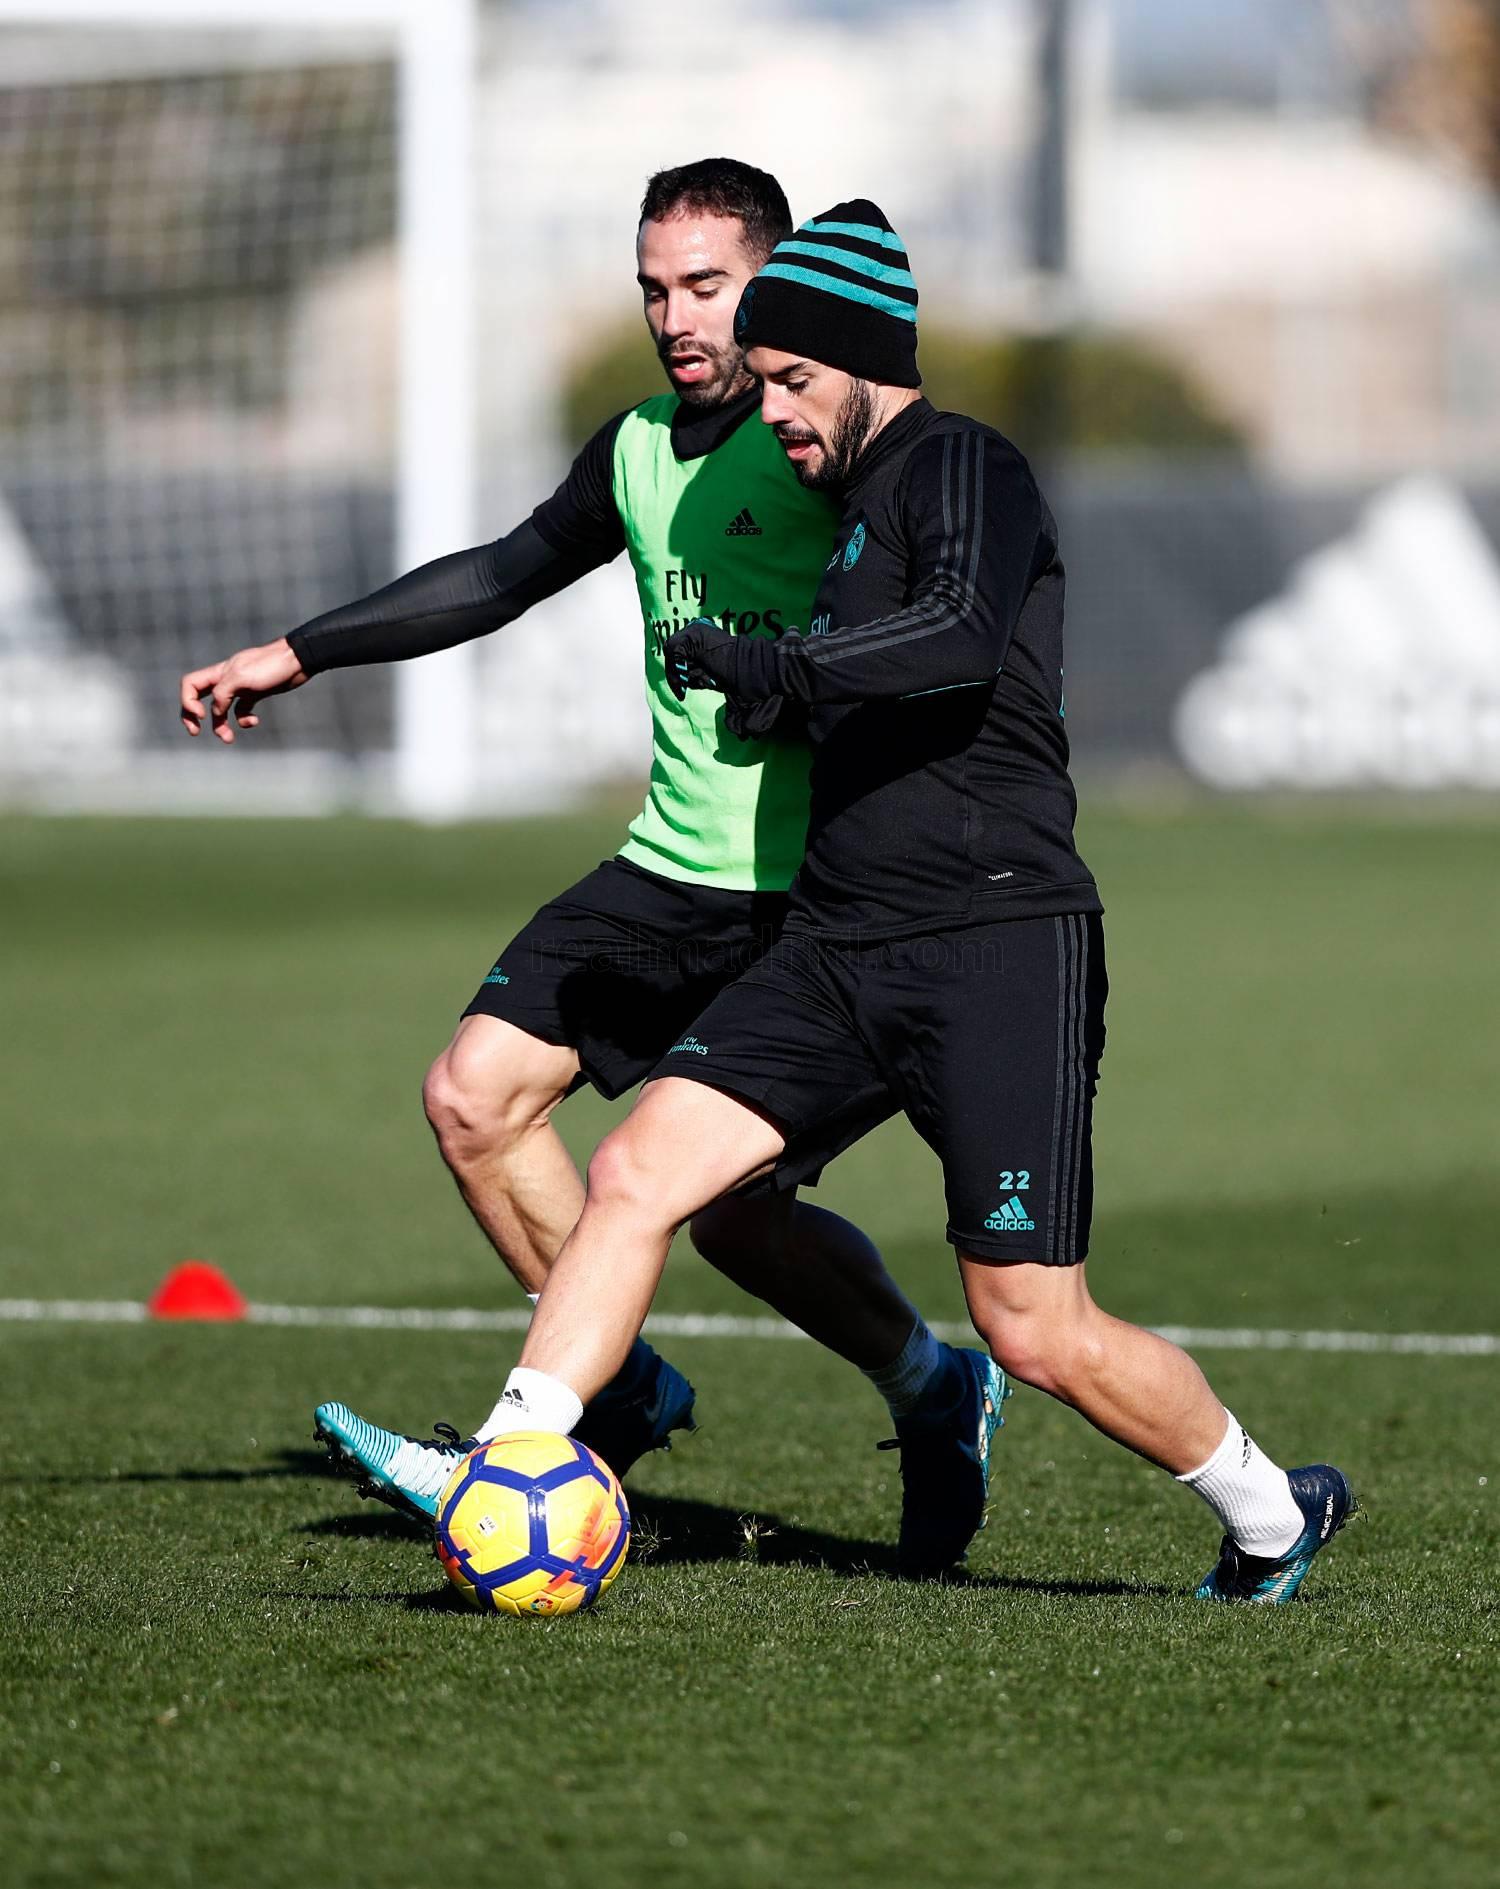 El Real Madrid comenzó a preparar el partido ante el Athletic